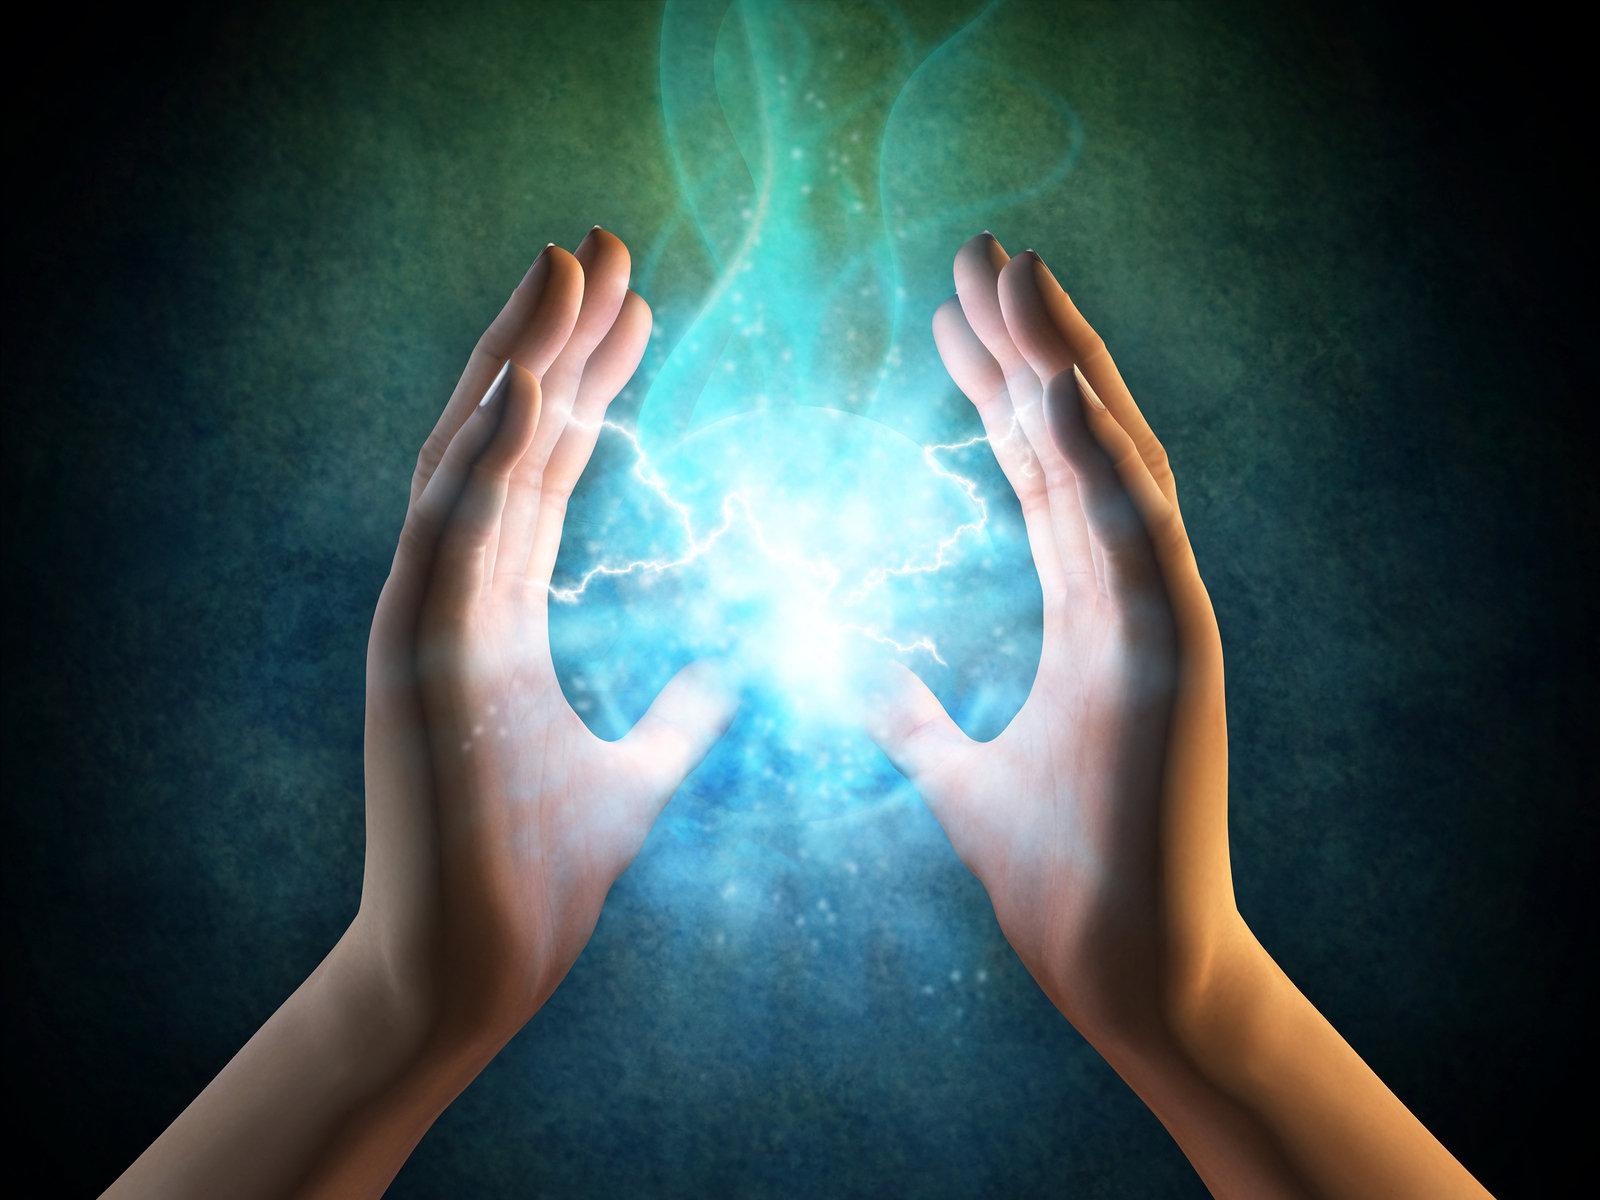 Full Energy Healing